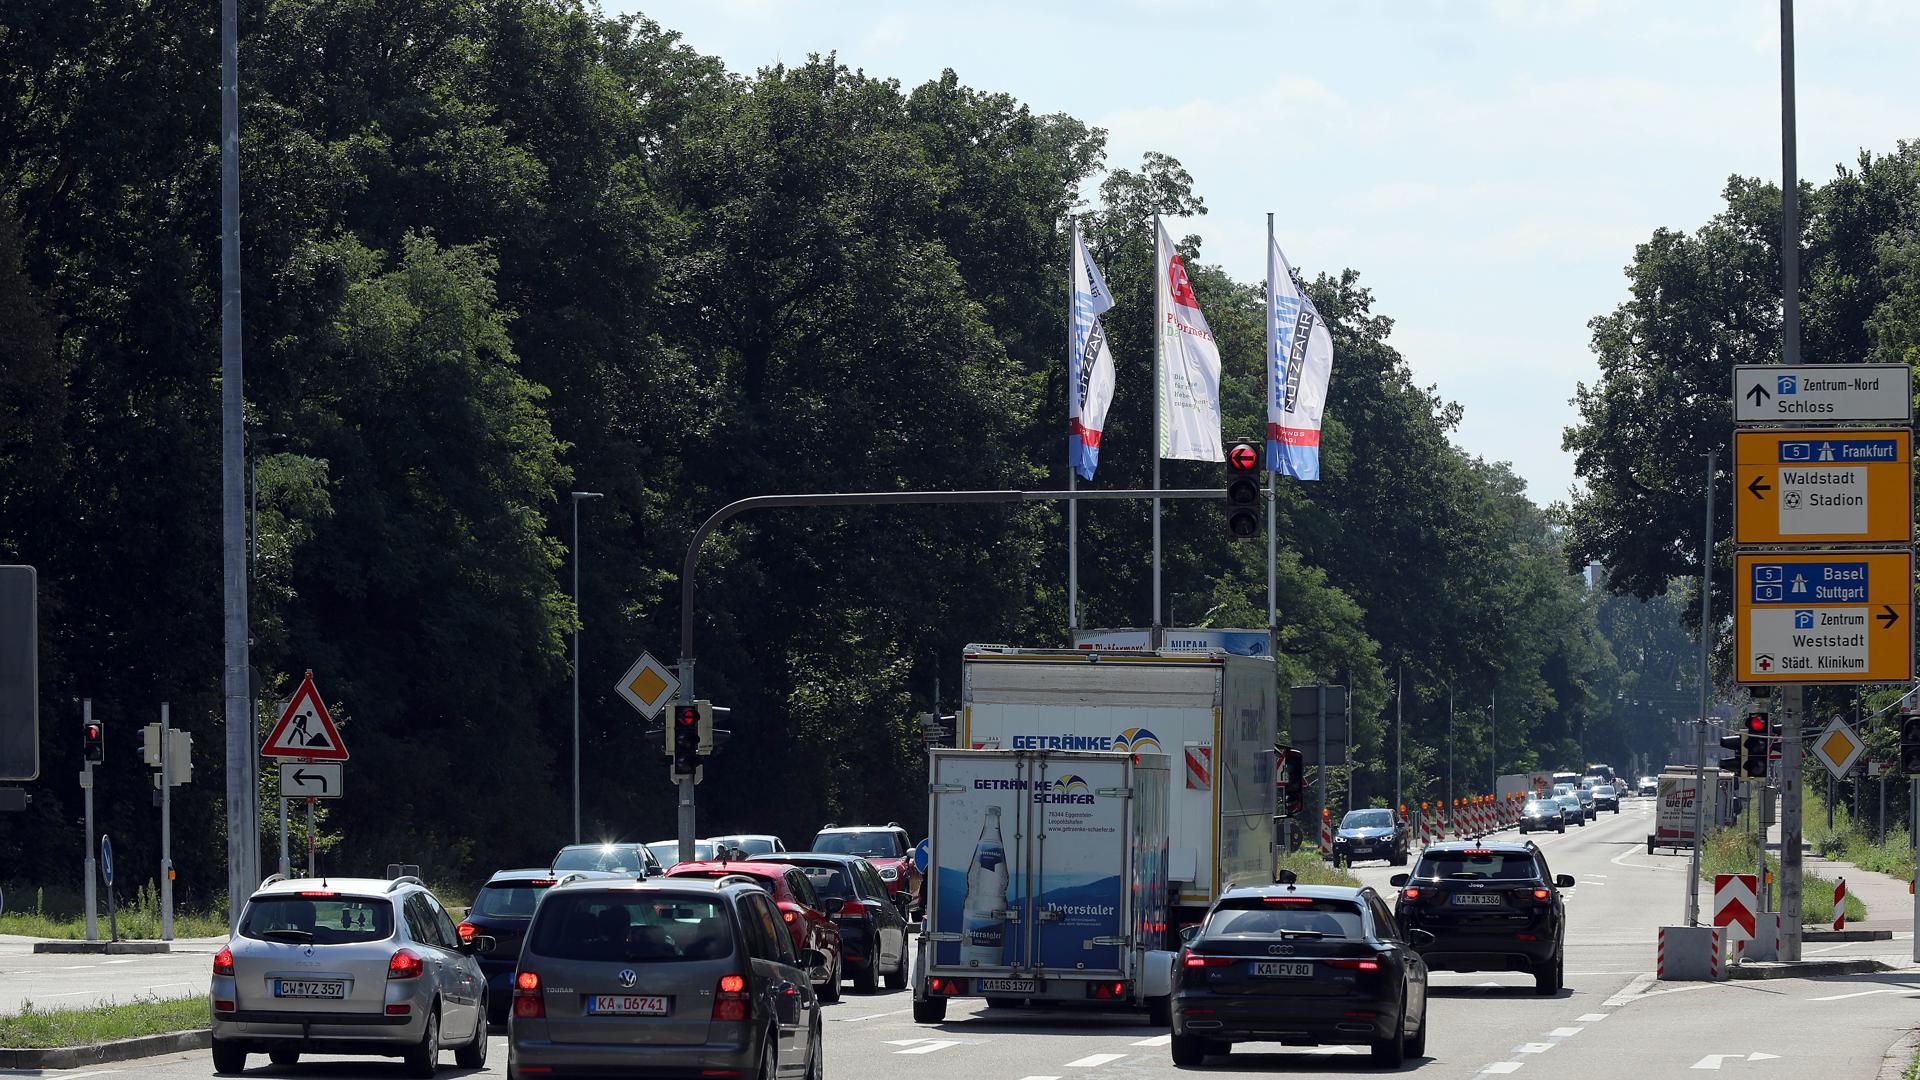 Neue Verkehrsführung: An der Kreuzung von Willy-Brandt-Allee und Adenauerring können Autofahrer nun auf zwei parallelen Spuren links in Richtung Stadion abbiegen. Das erfordert Gewöhnung.